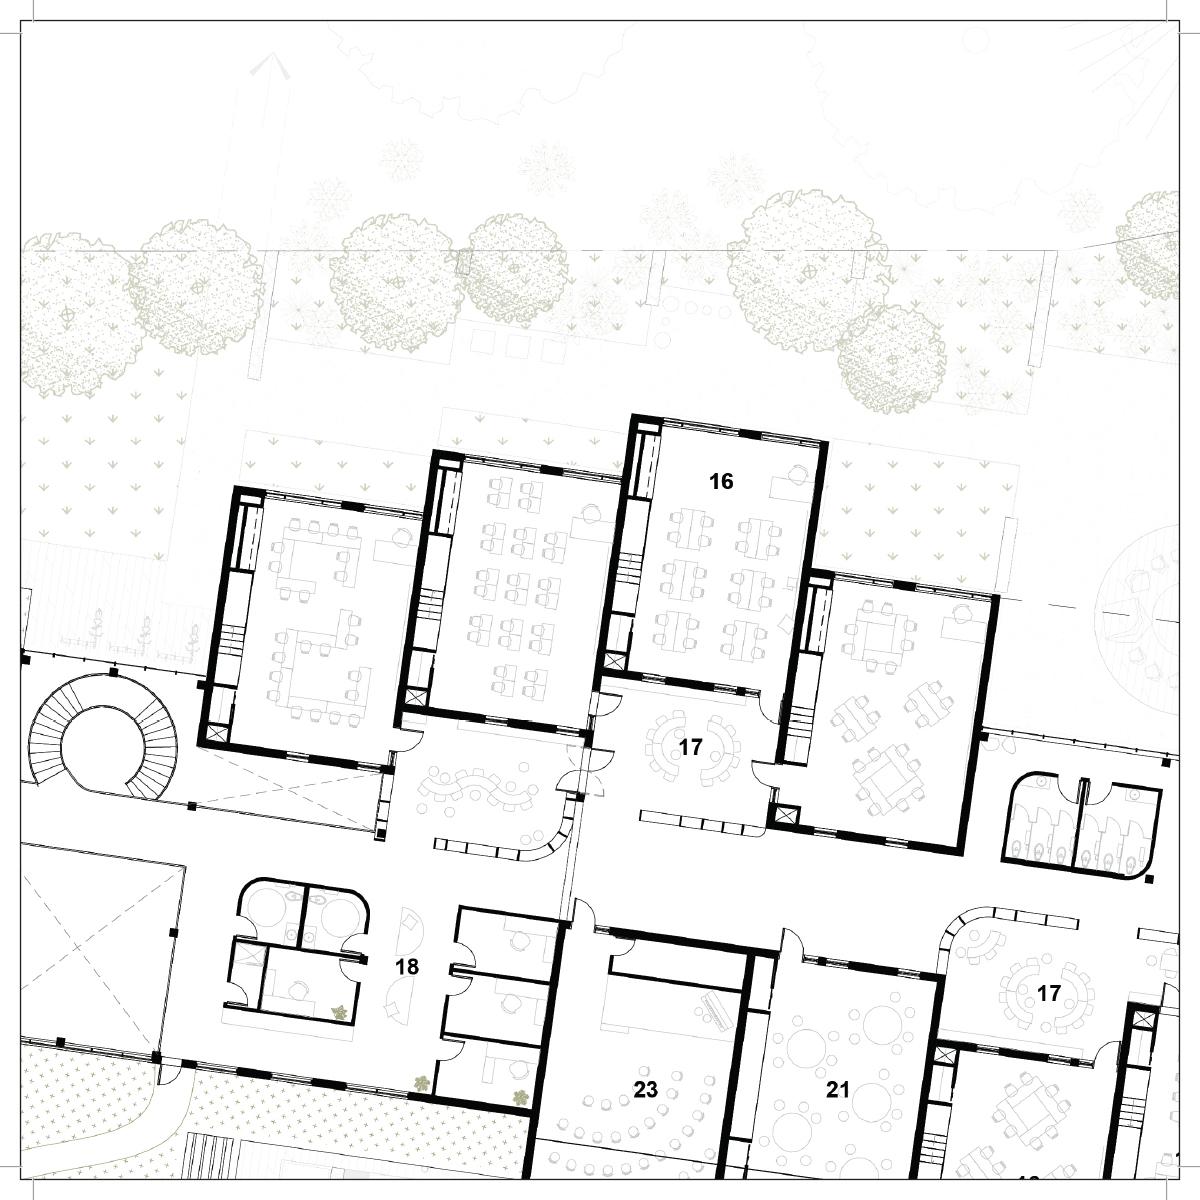 Plan d'une salle de classe par Boon Architecture et Héloïse Thibodeau architecte et Goulet & LeBel architectes, pour le concours du Lab-École à Rimouski, présenté dans le cadre de l'exposition «Devoirs d'architecture».